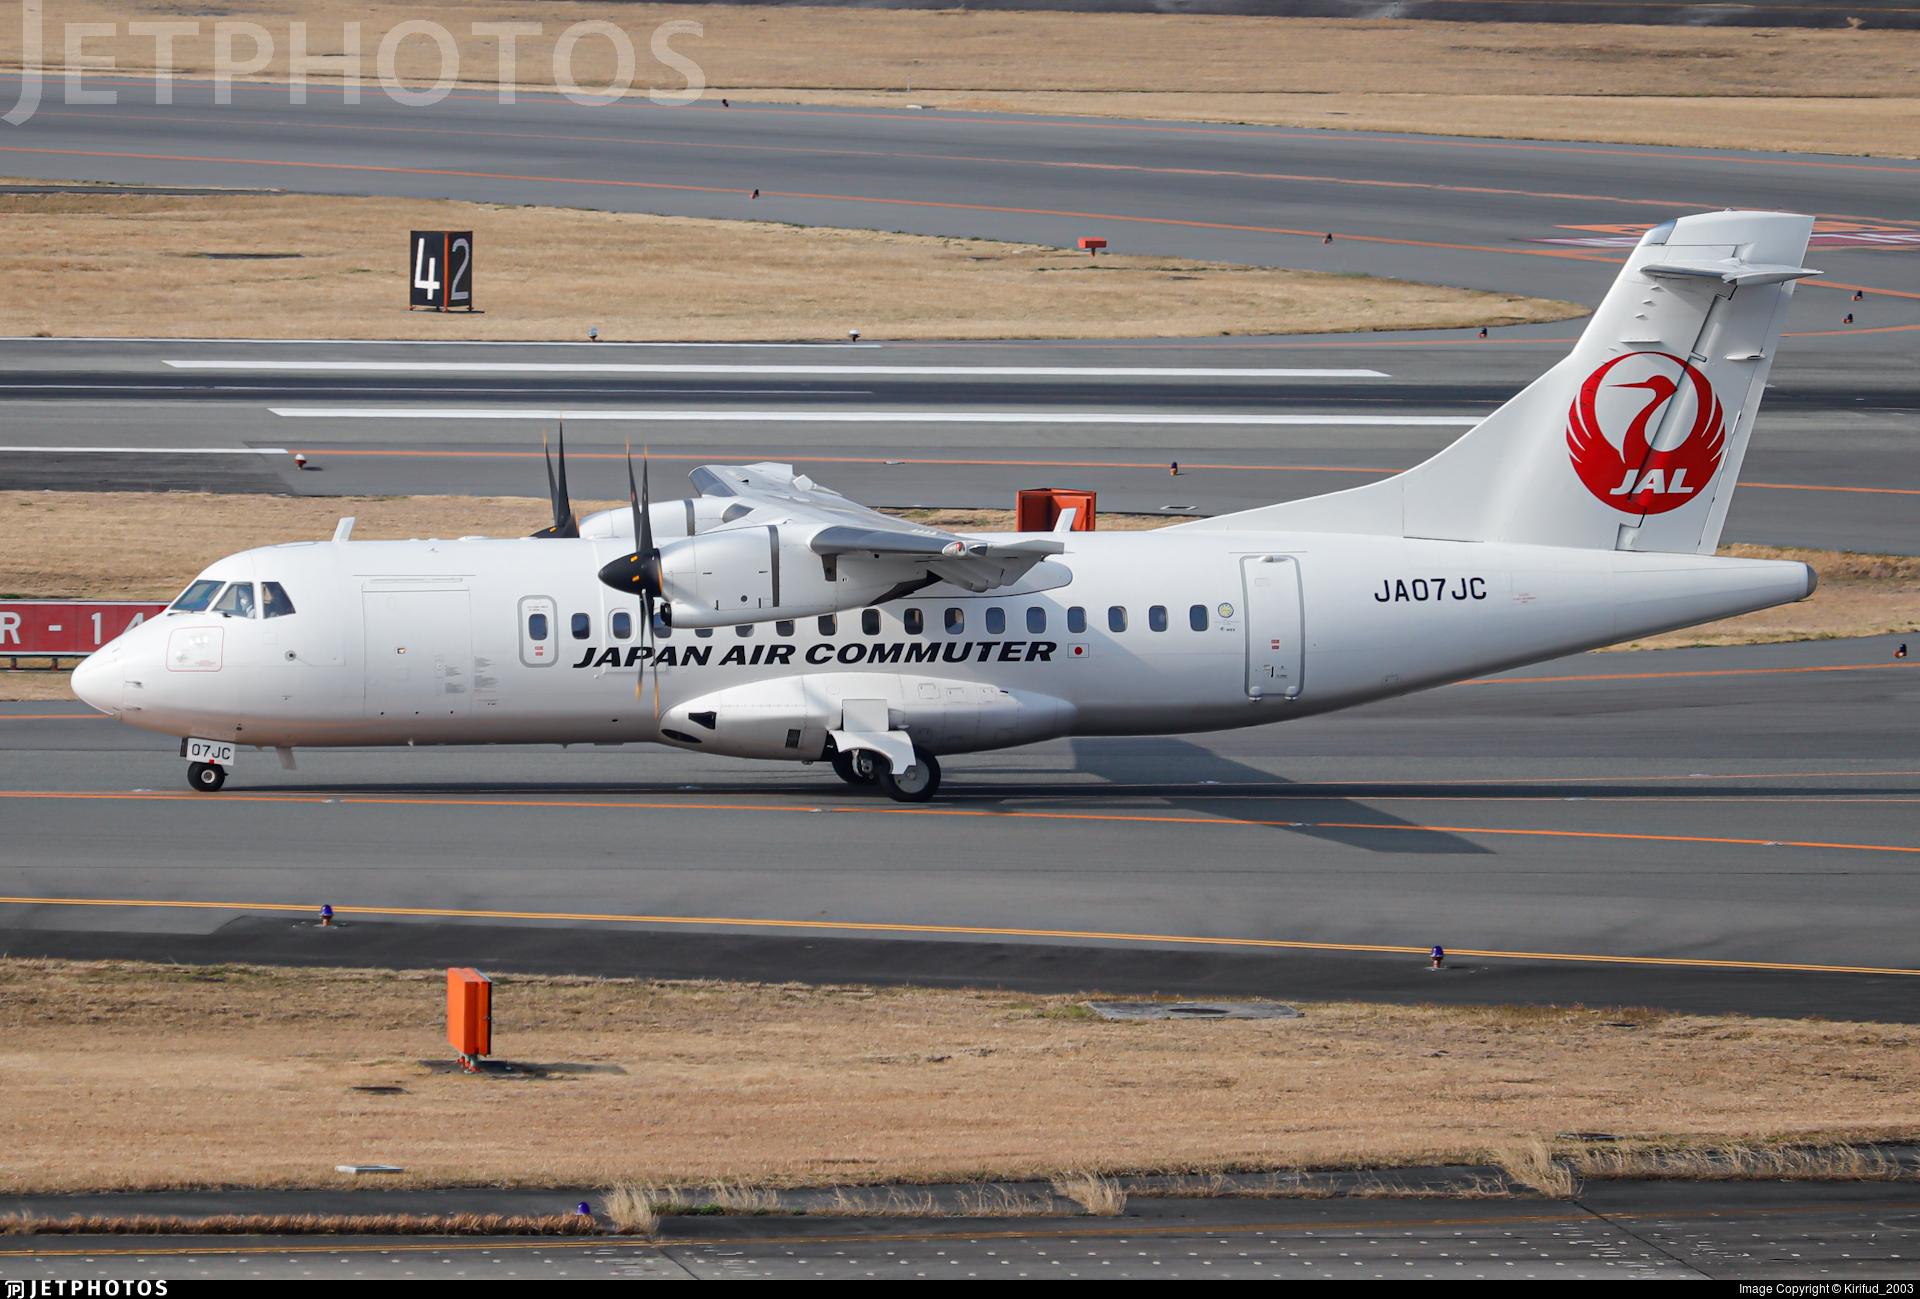 JA07JC - ATR 42-600 - Japan Air Commuter (JAC)